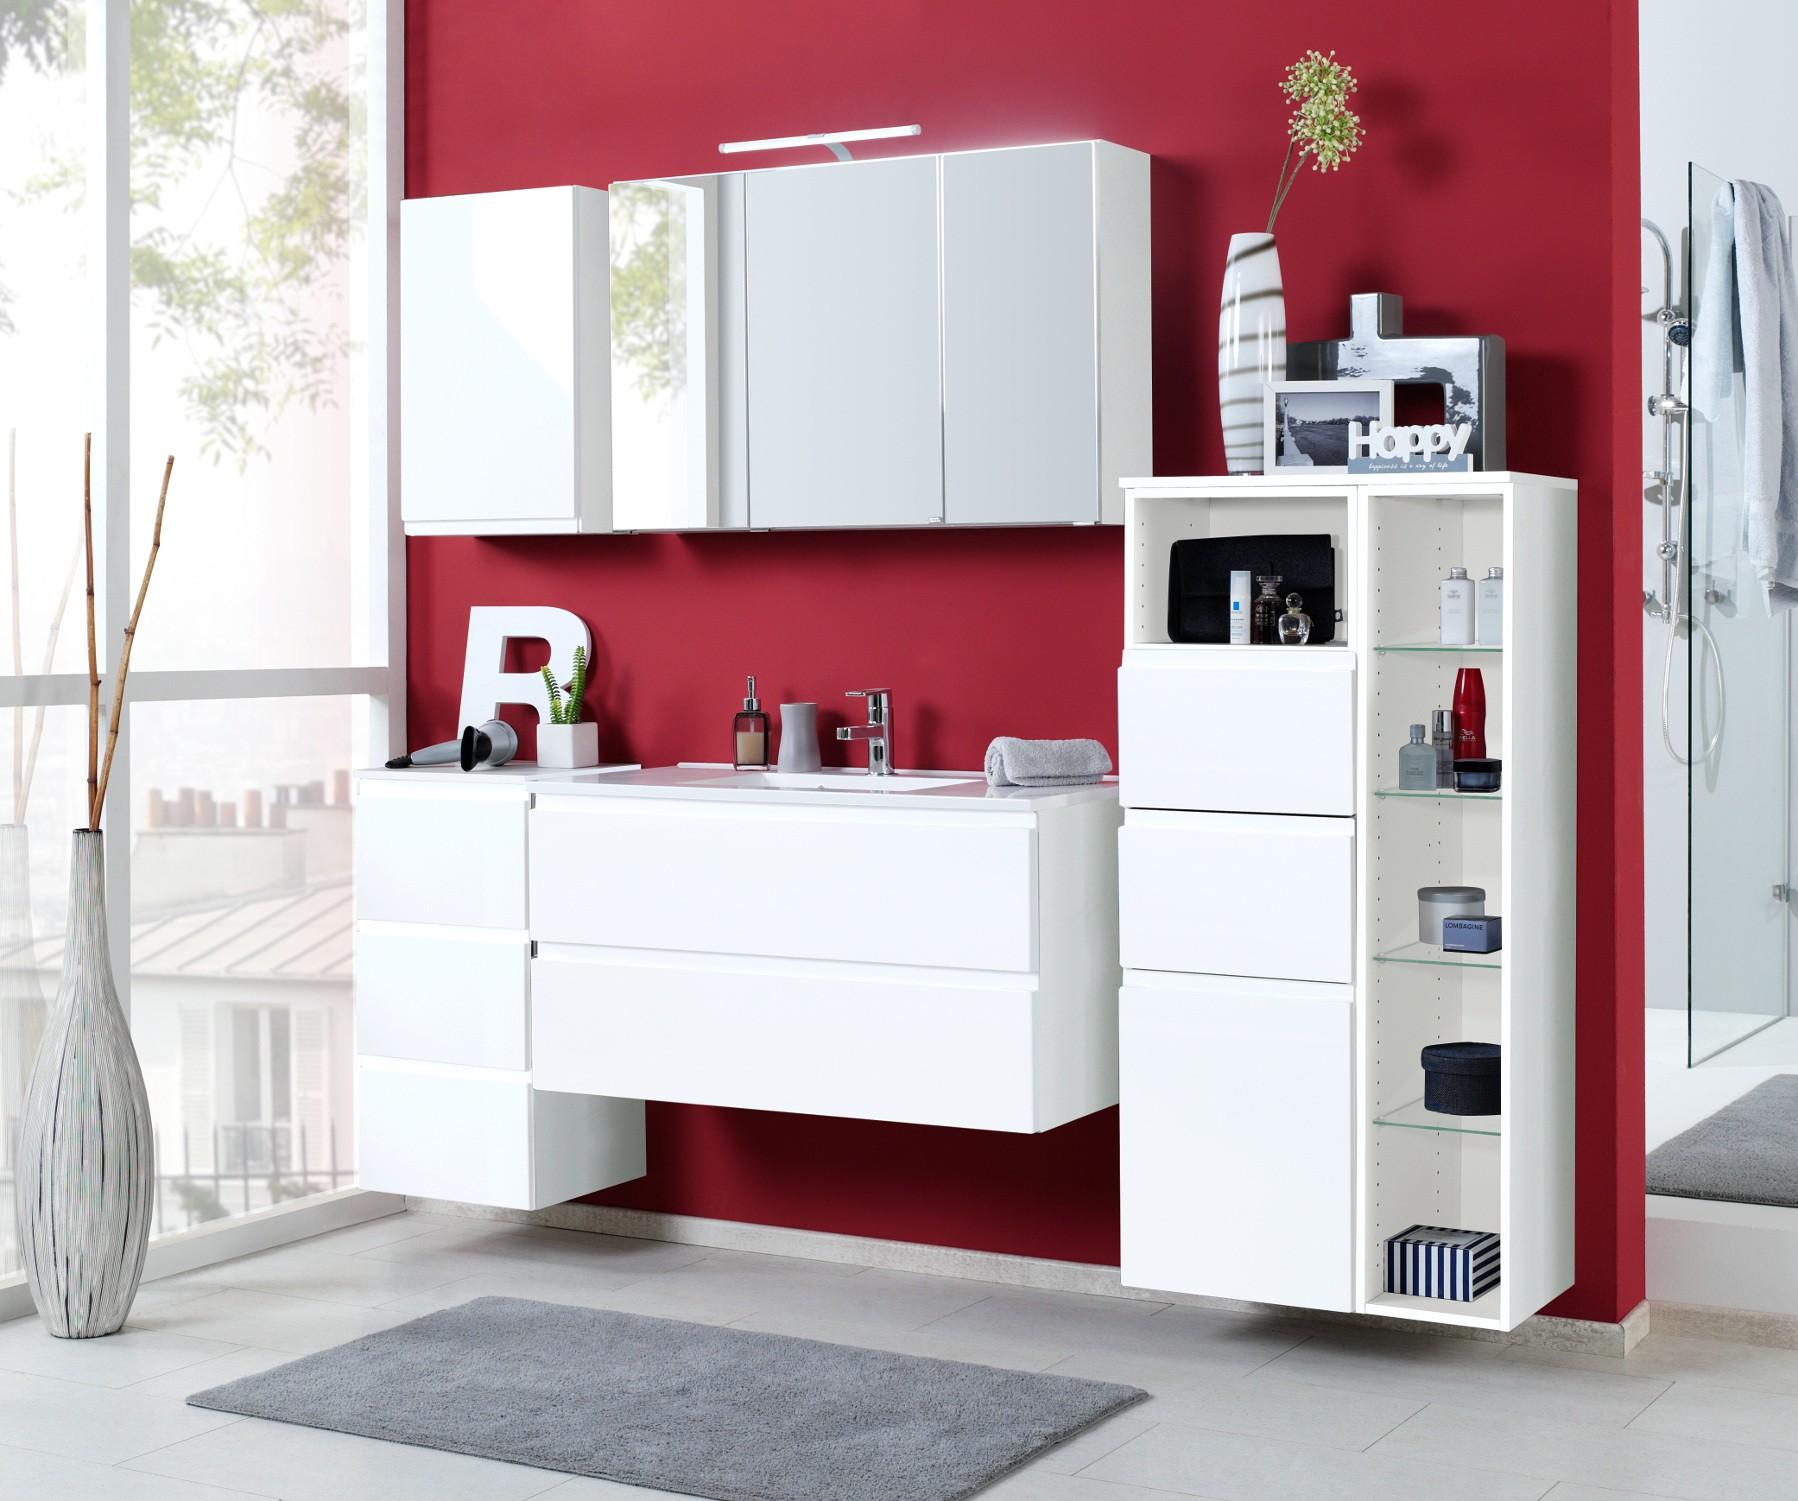 badm bel set cardiff mit waschtisch 7 teilig 205 cm. Black Bedroom Furniture Sets. Home Design Ideas